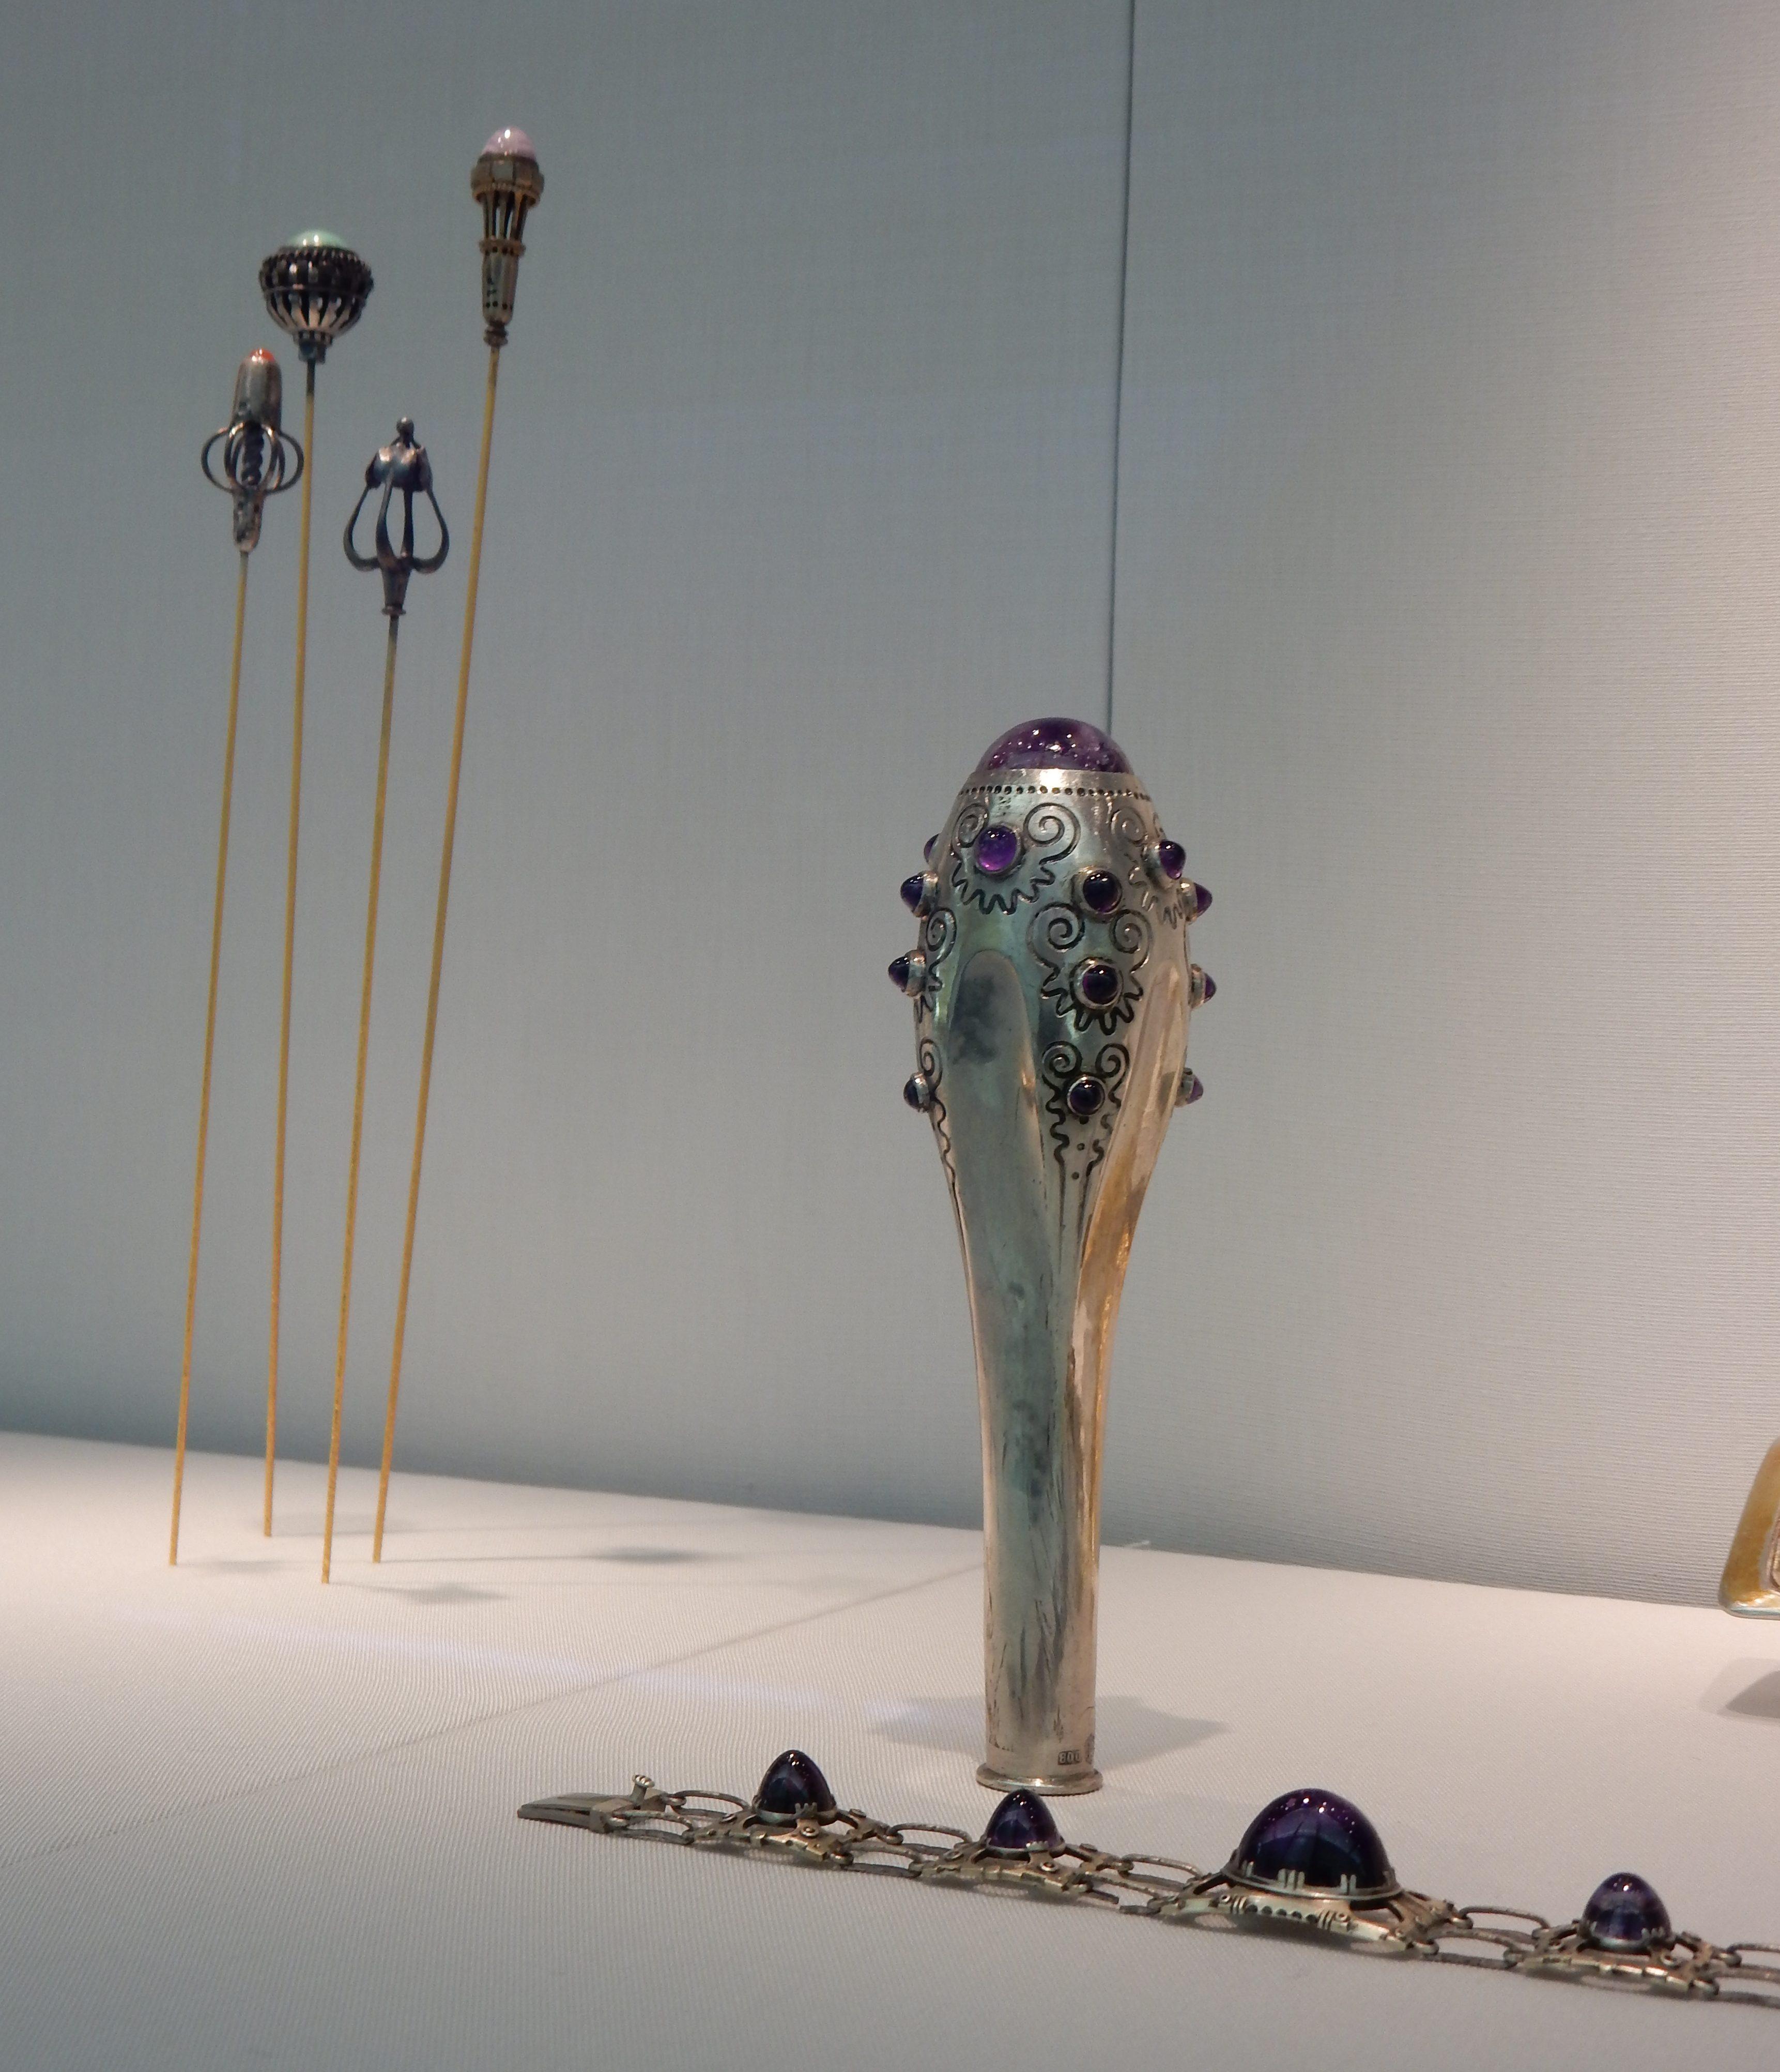 Hoedennaalden, parapluhandgreep, 1910, Max Strobl, armband, 1901. Schmuckmuseum Pforzheim, september 2018. Foto met dank aan Coert Peter Krabbe, CC BY 4.0